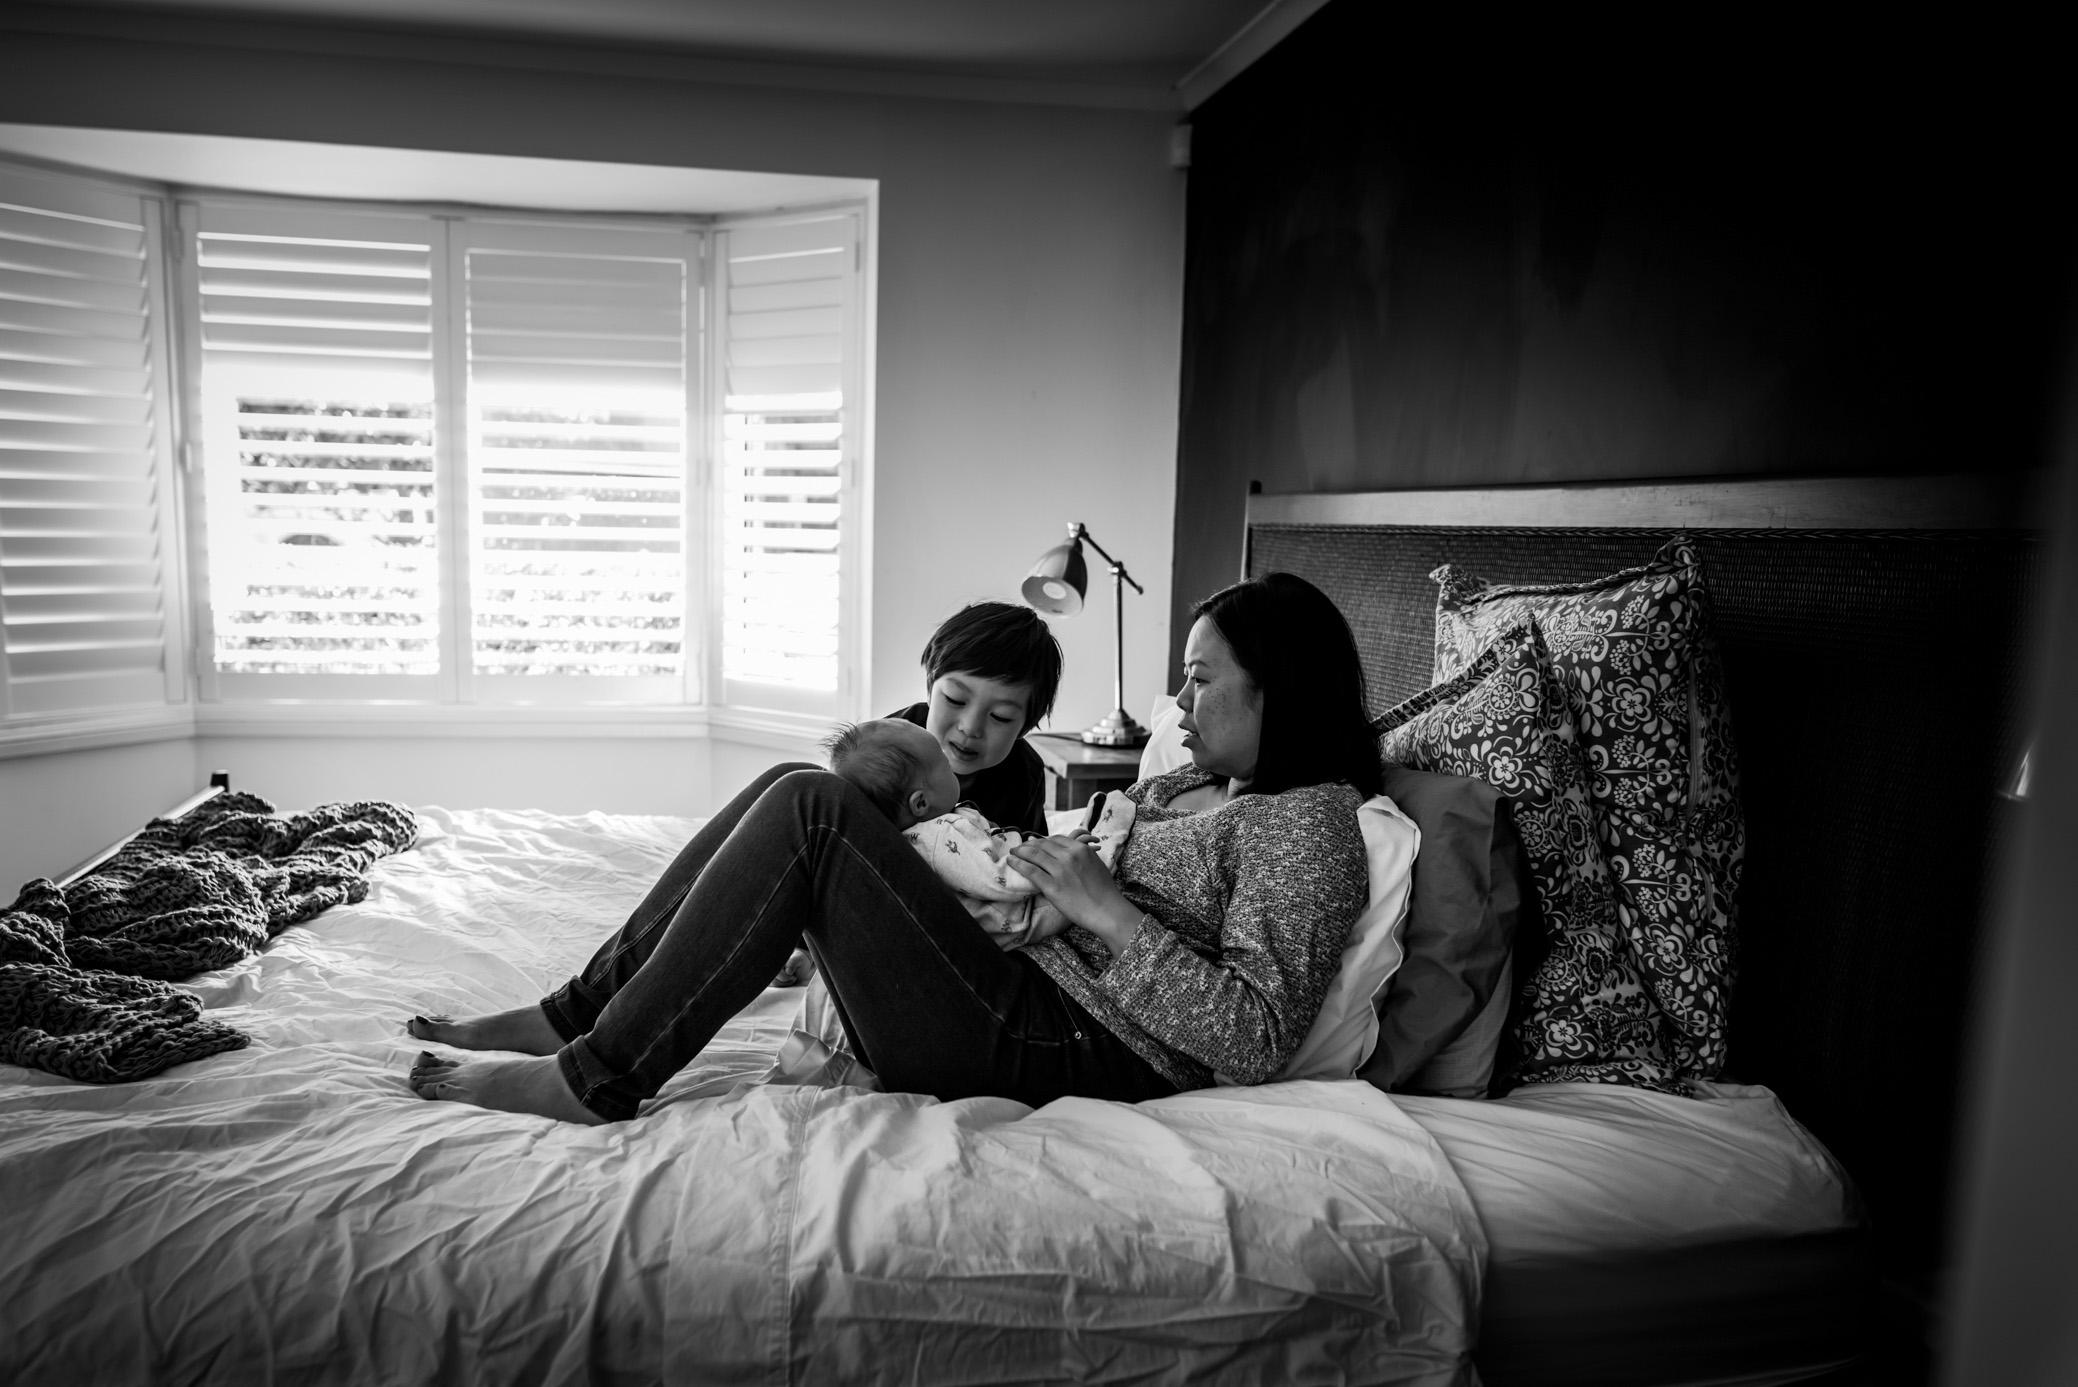 cindycavanagh-maternity-photos-in-sydney (24 of 39).JPG